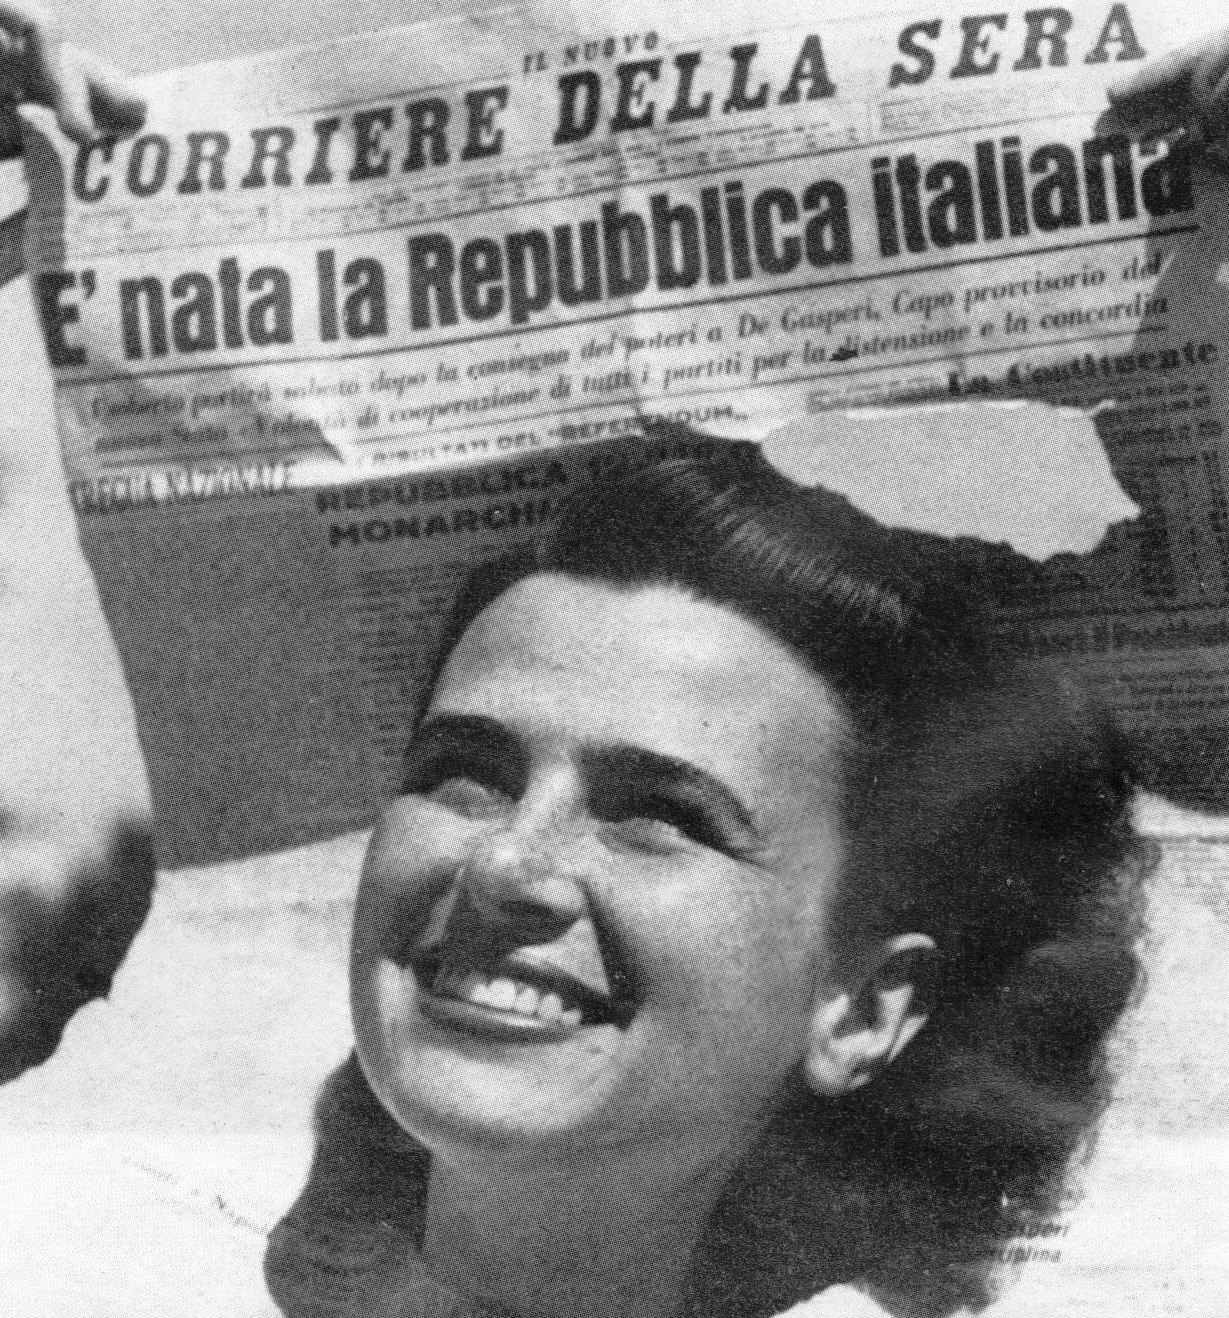 66 anniversario della votazione e della proclamazione for Senatori della repubblica italiana nomi